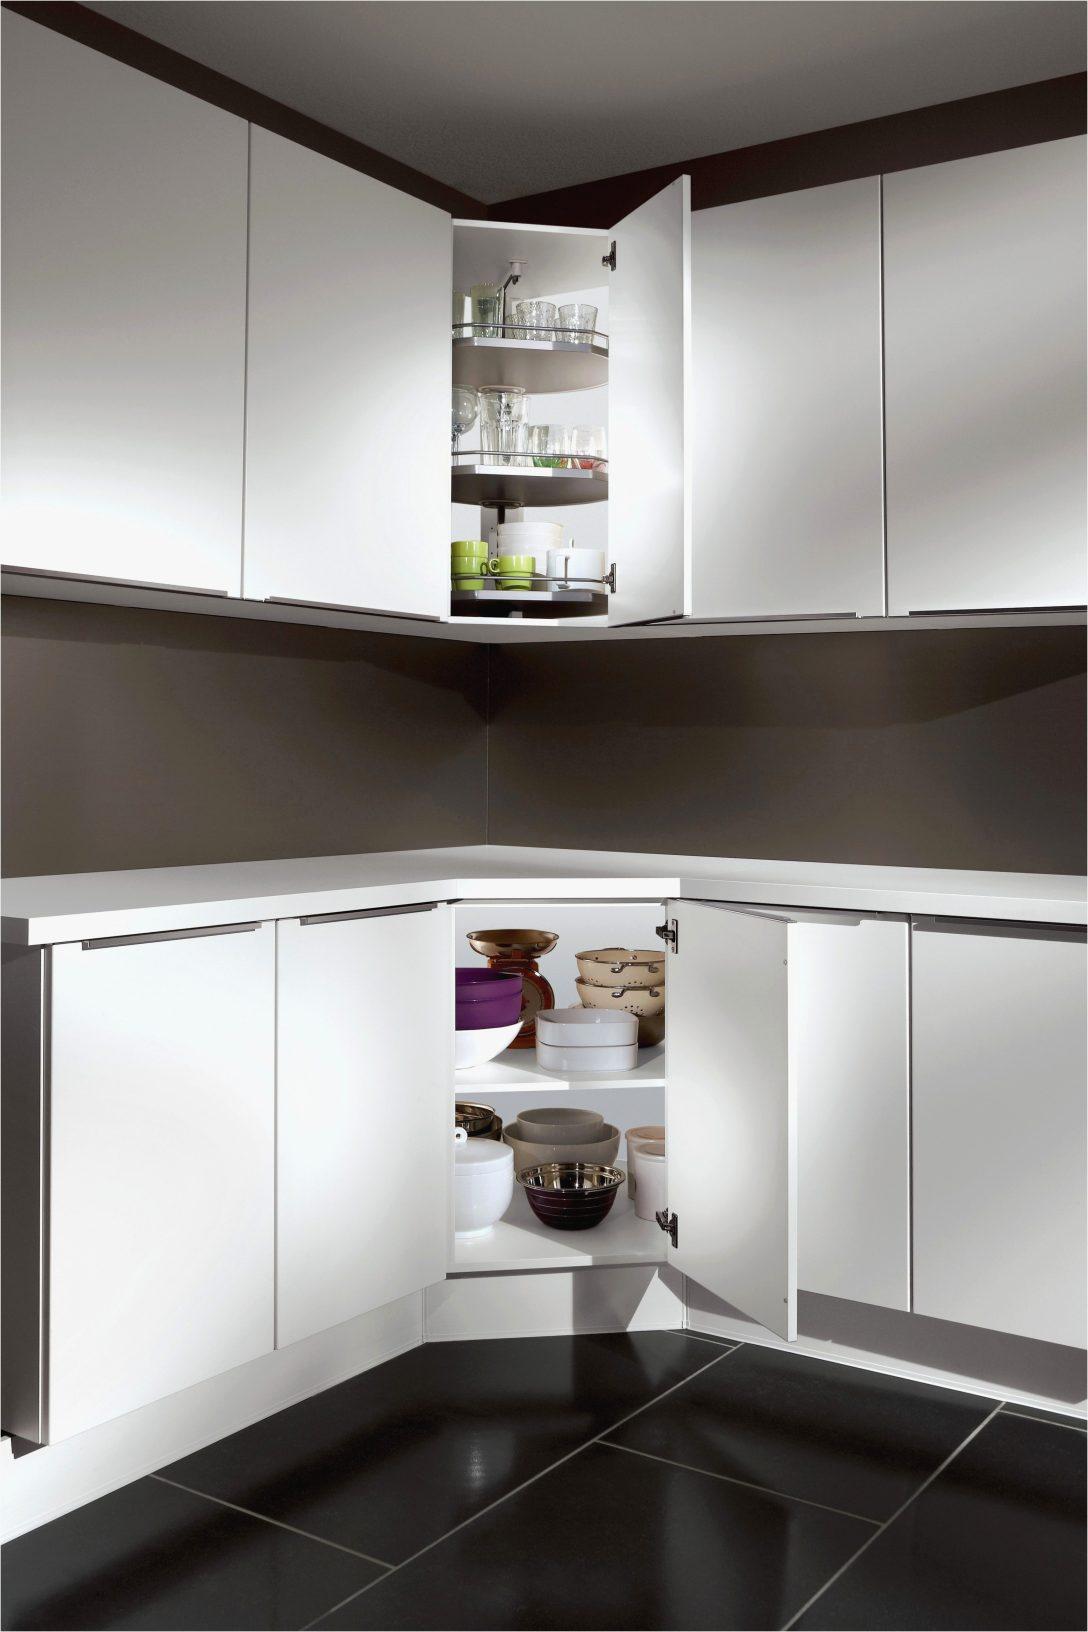 Large Size of 34 Eckschrank Küche Hoch Bilder Küchendesign Ideen   Küche Karussell Nachrüsten Küche Eckschrank Küche